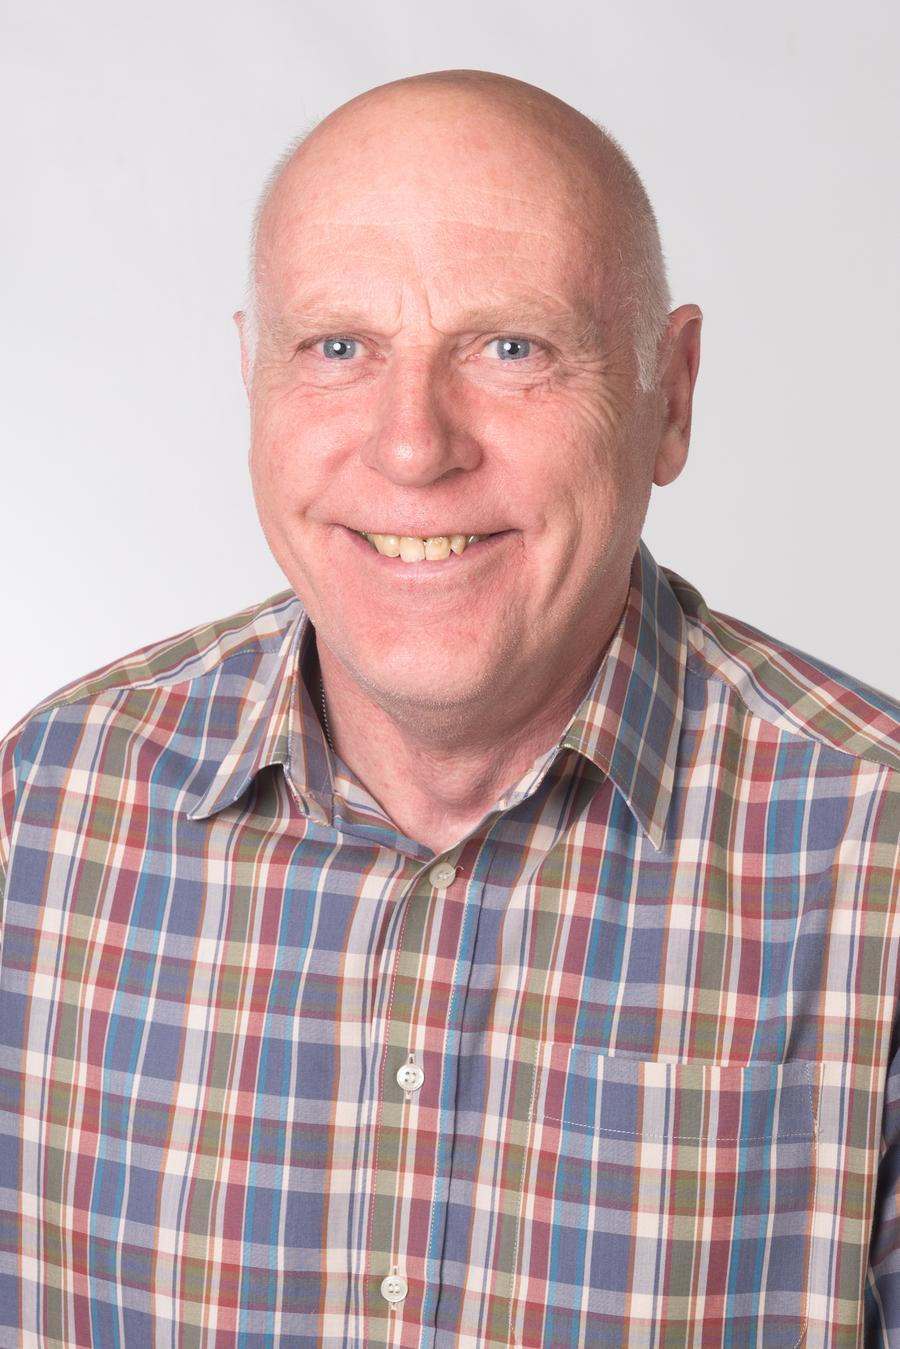 Mr Gwynne, Caretaker